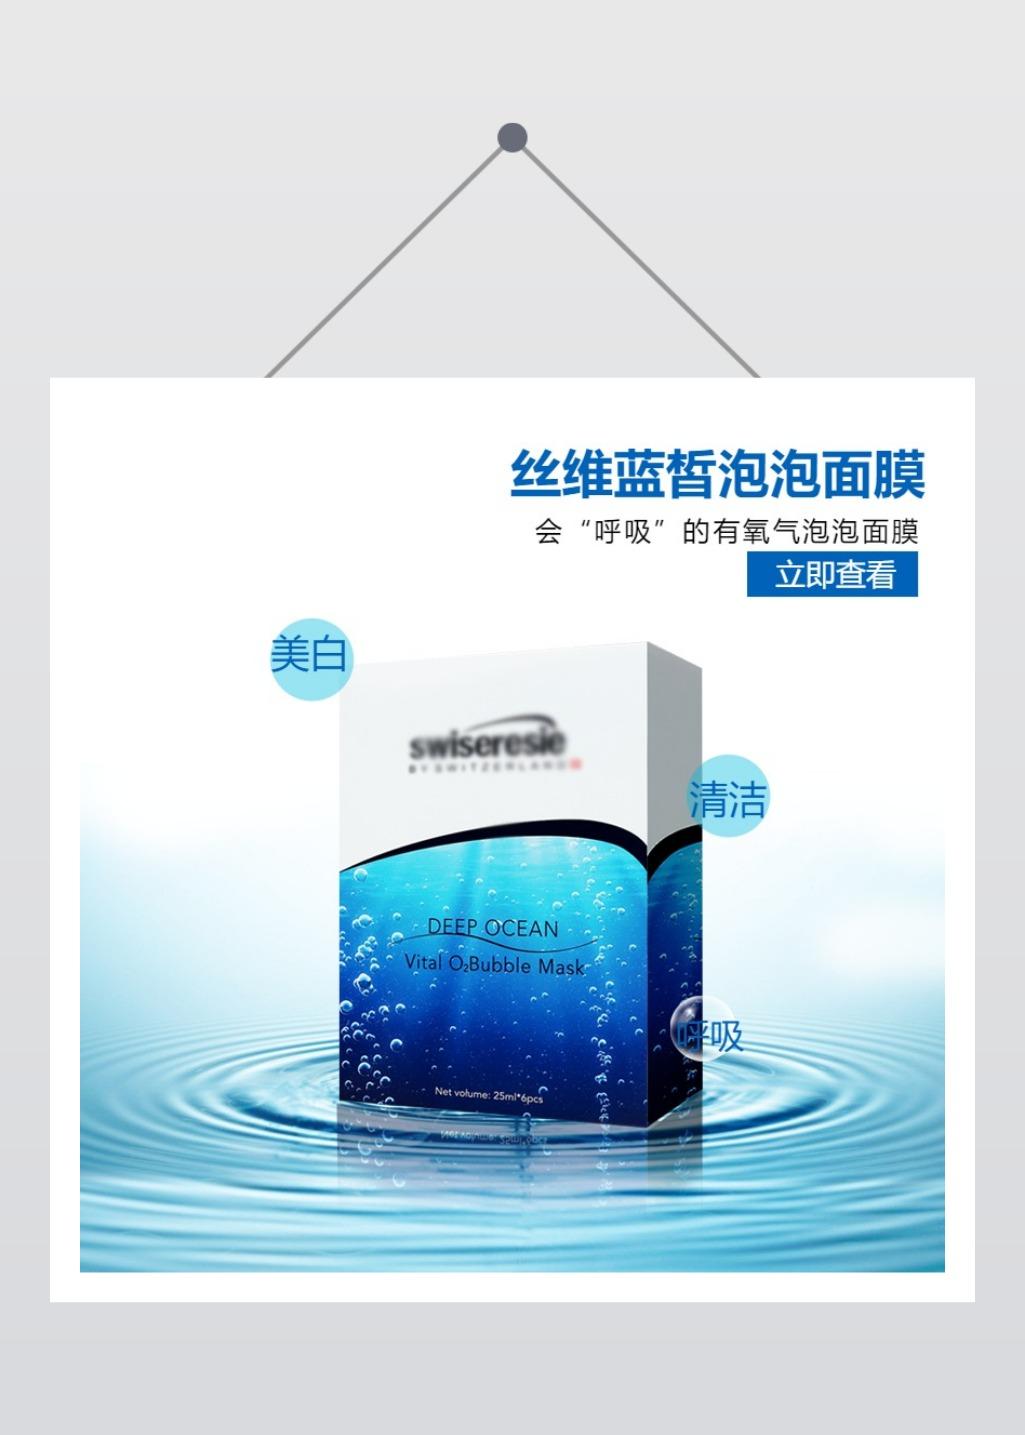 首页 电商素材 商品主图 清新简约百货零售个人护理补水泡泡面膜促销